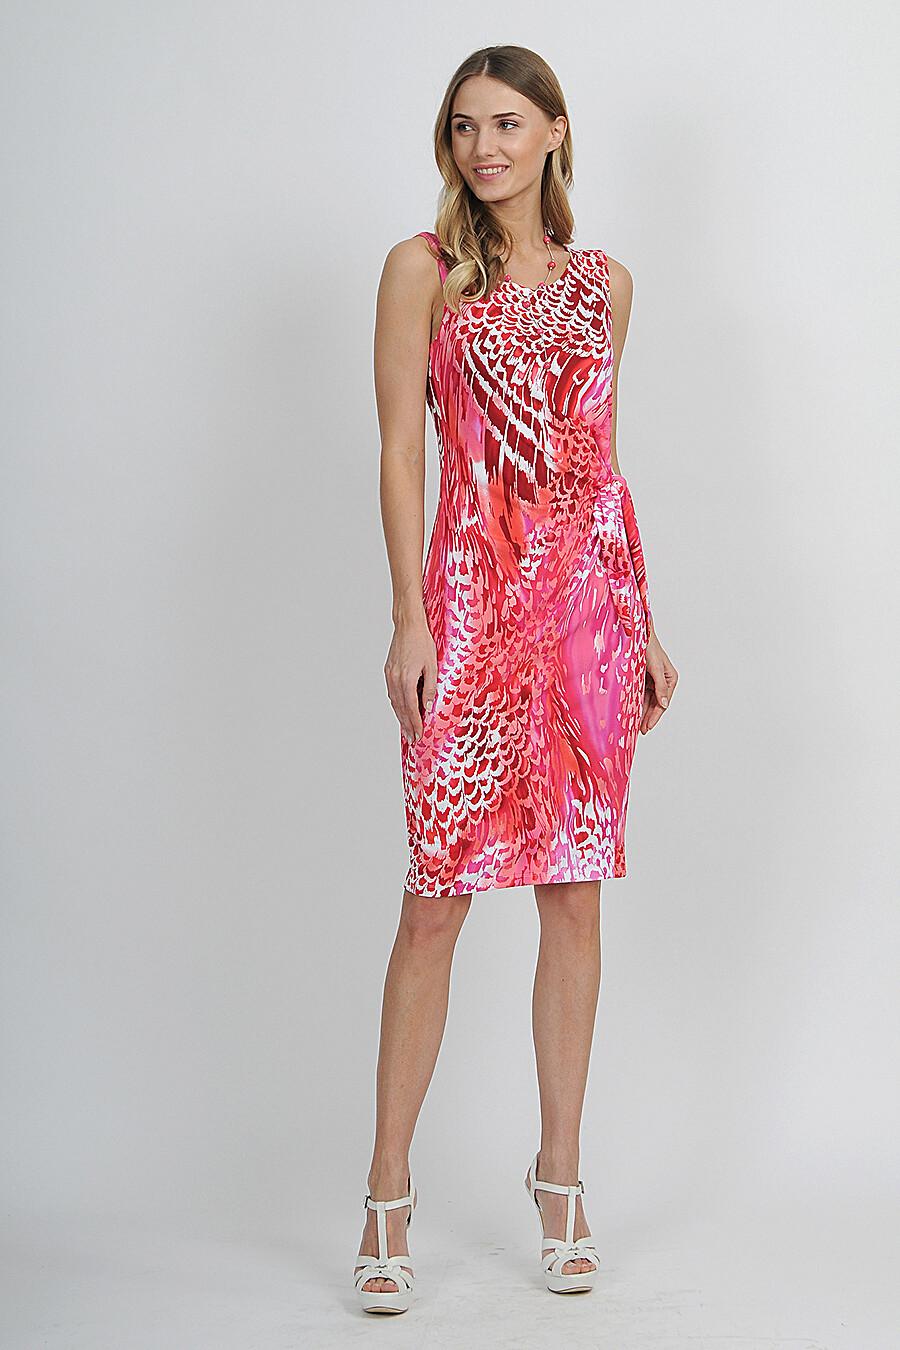 Платье для женщин Vemina 161277 купить оптом от производителя. Совместная покупка женской одежды в OptMoyo